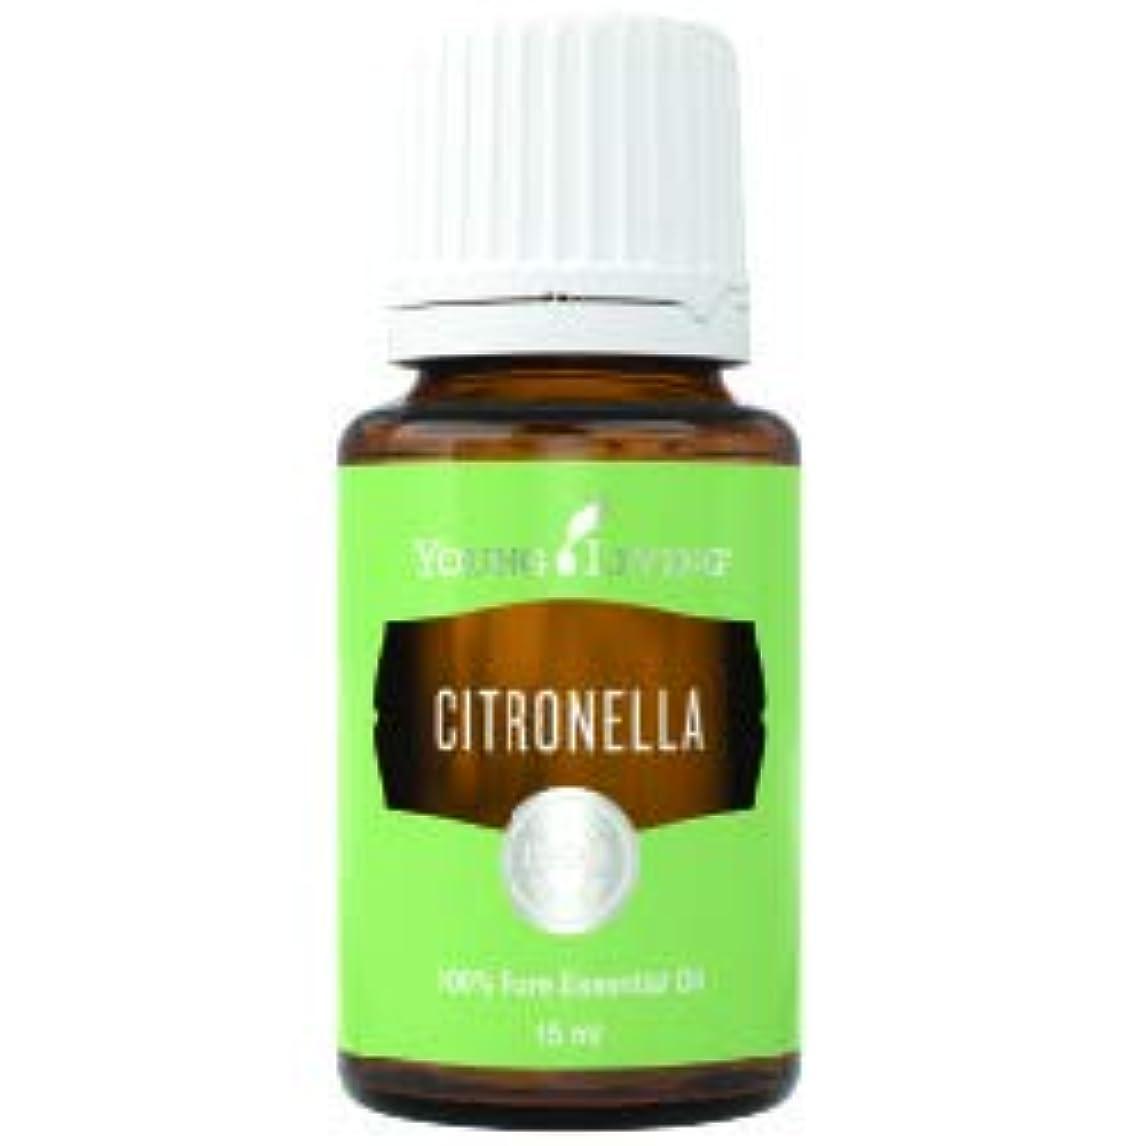 細断スパイ苦悩シトロネラエッセンシャルオイル15 ml byヤングリビングマレーシア Citronella Essential Oil 15 ml by Young Living Malaysia